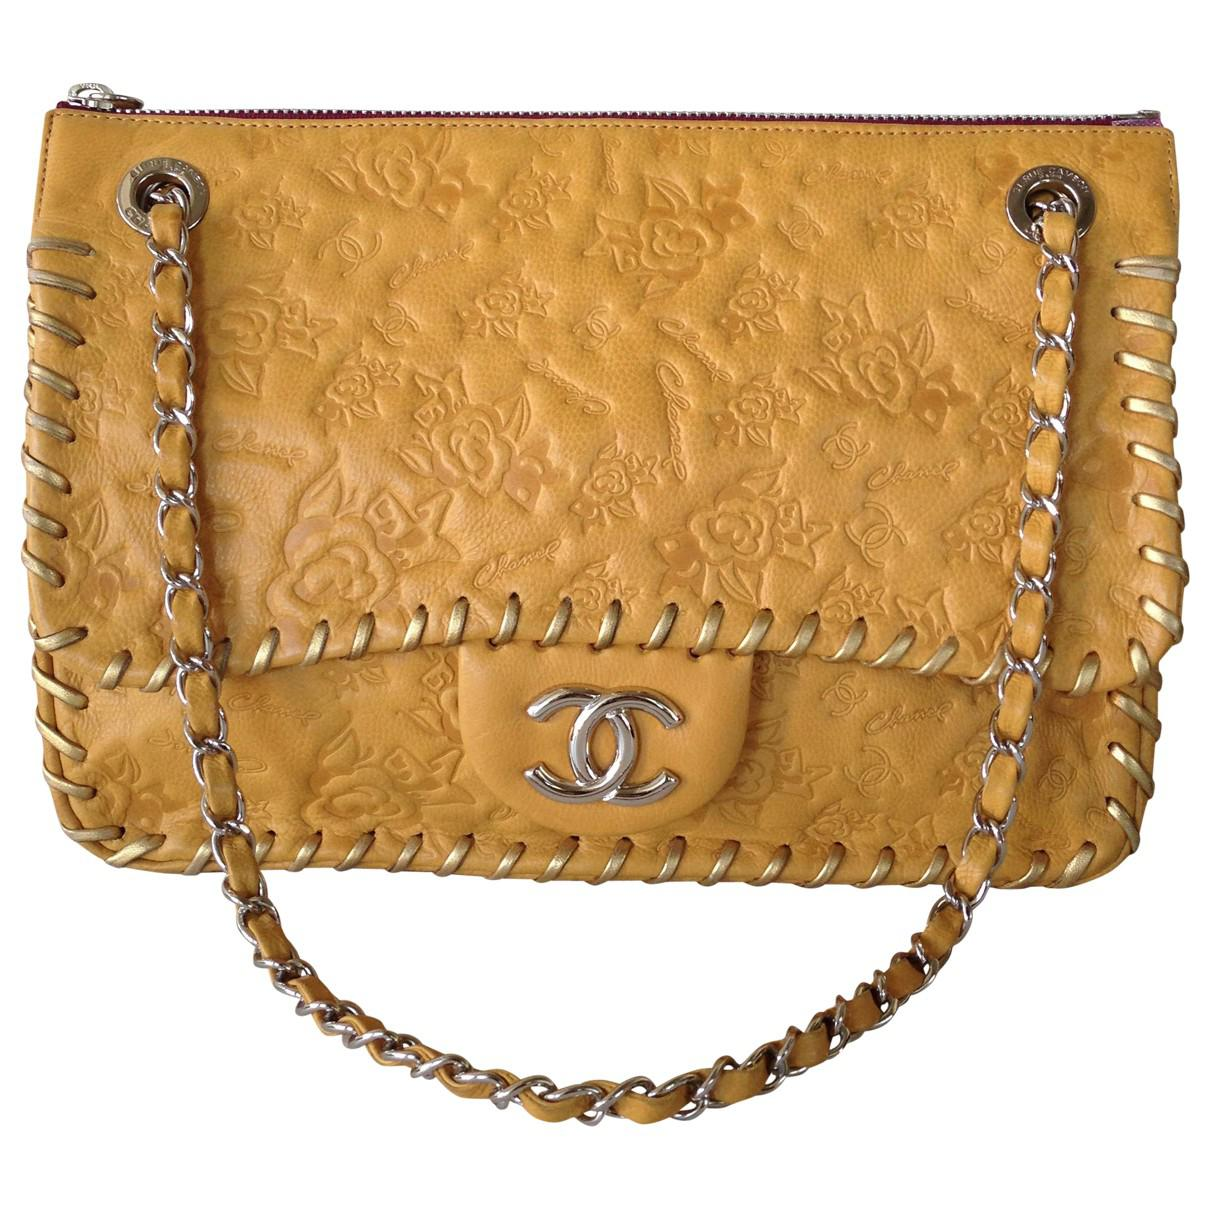 Pre-owned - Beige Leather Handbag Chanel Trs8YJdDX